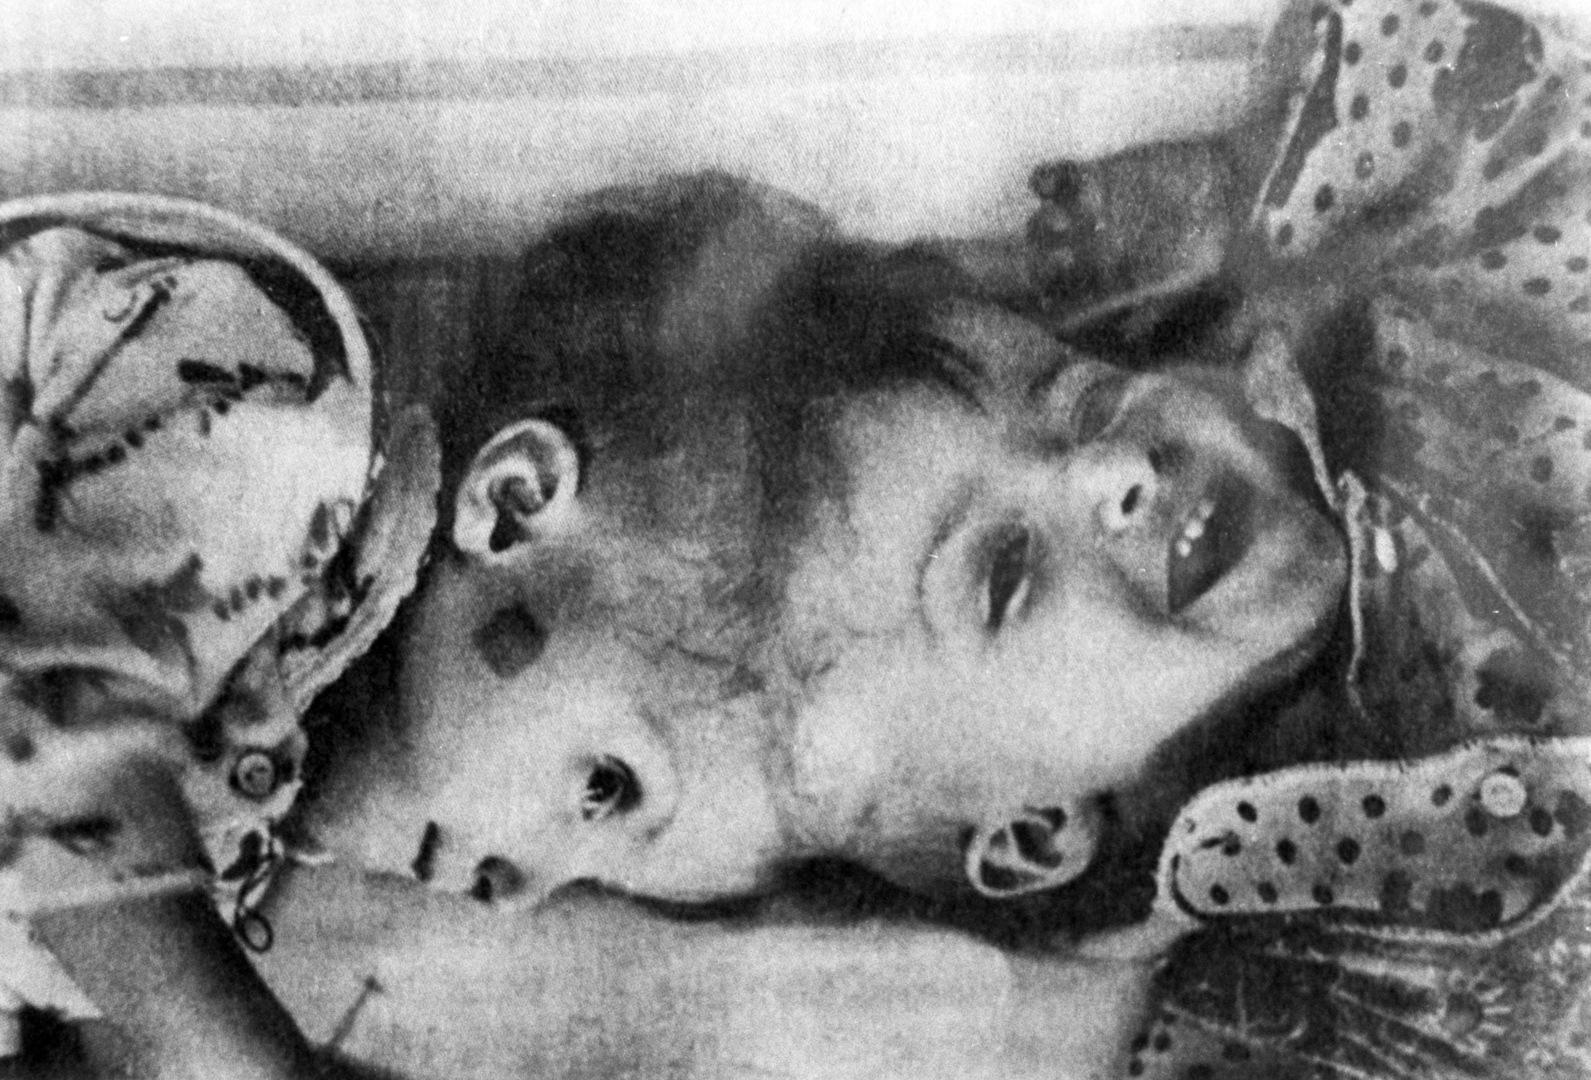 الأطباء الإيطاليون ينجحون في فصل توأمين سياميين لطفلتين موصولتين عند مستوى الجمجمة